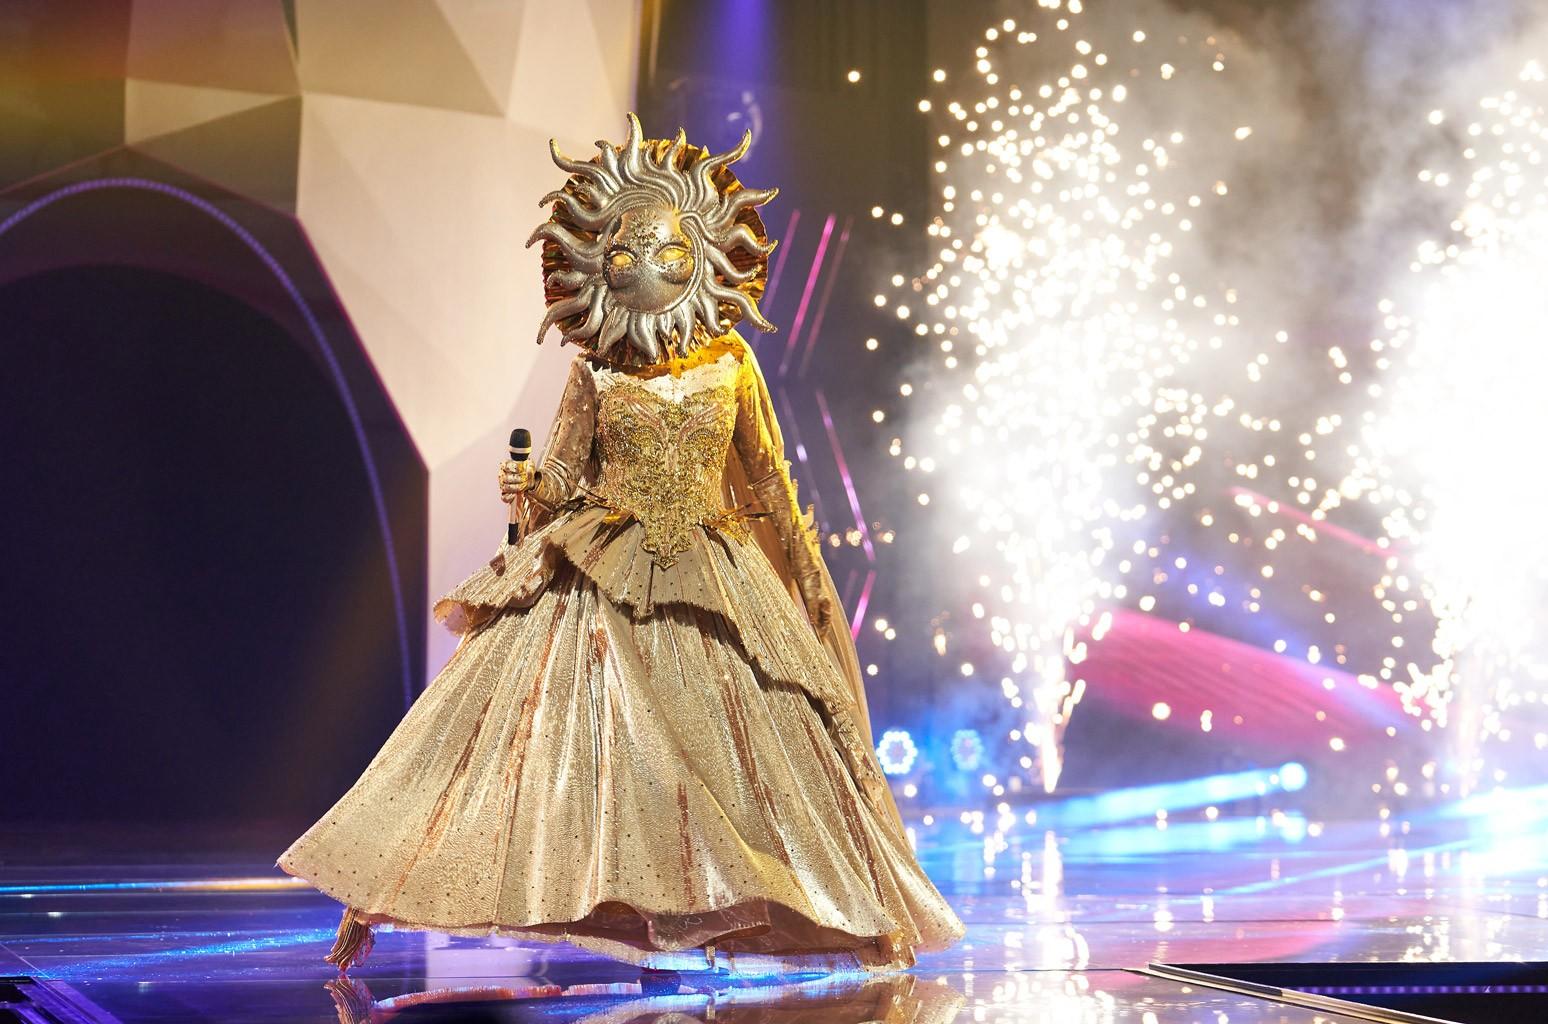 В качестве победителя конкурса «Певица в маске» Солнце надеется осветить «свет в этот мир в это темное время»